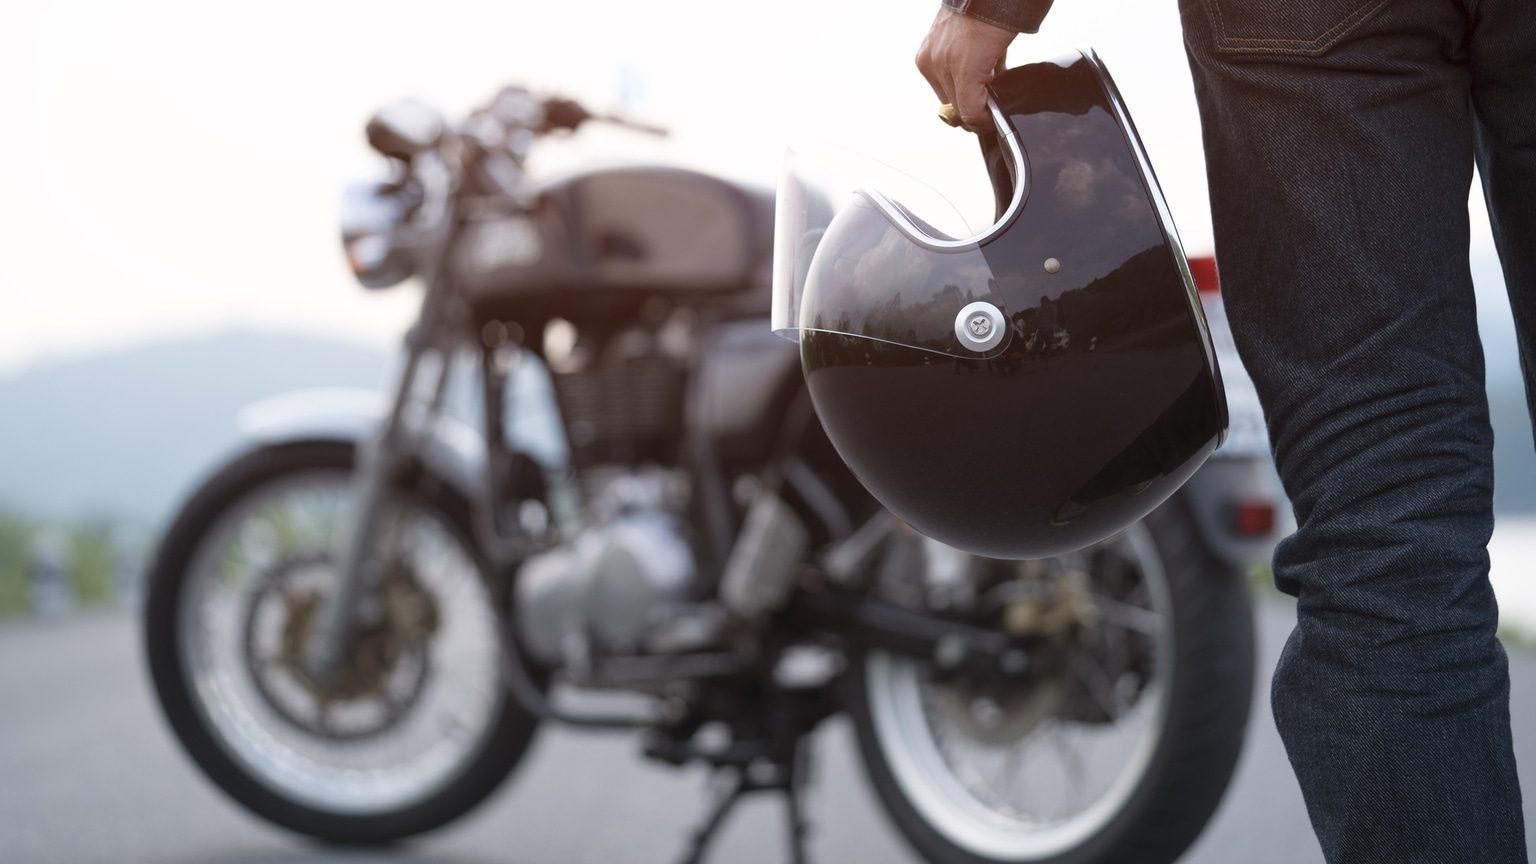 Man Holding Helmet Looking At Motorcycle